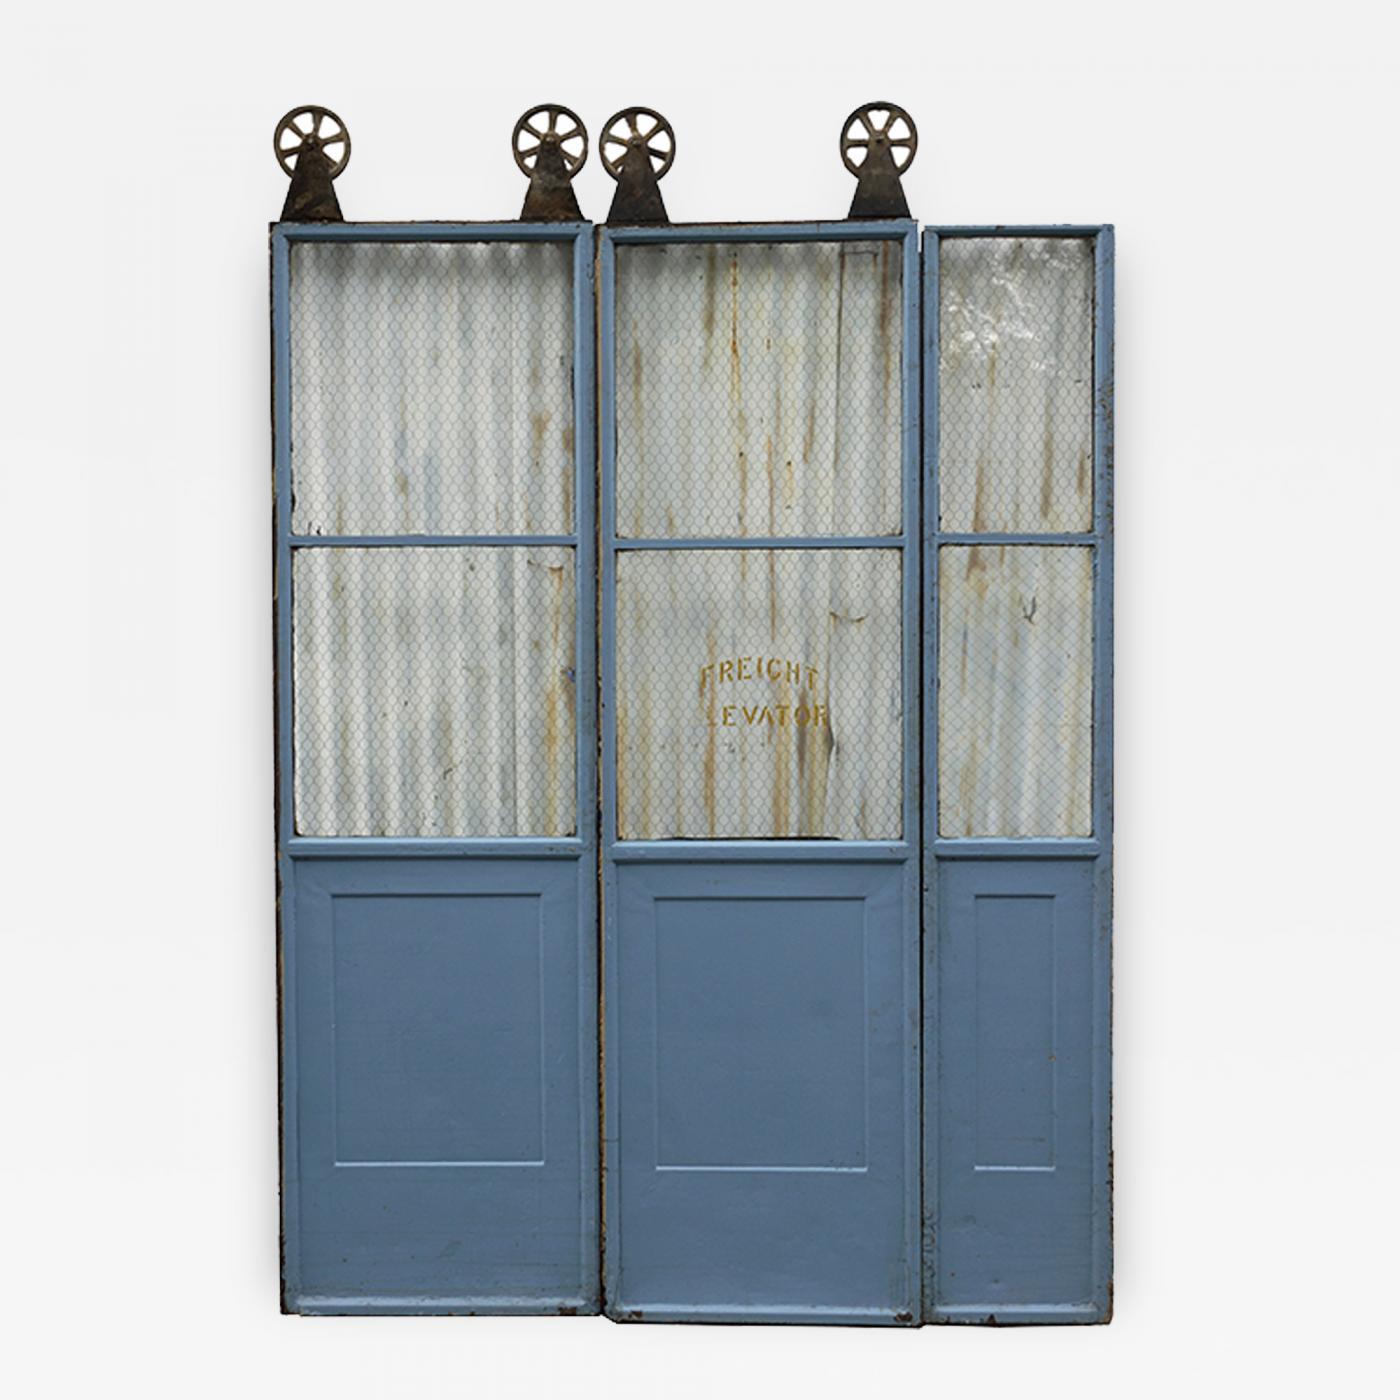 three door sets of vintage, commercial metal freight elevator doors